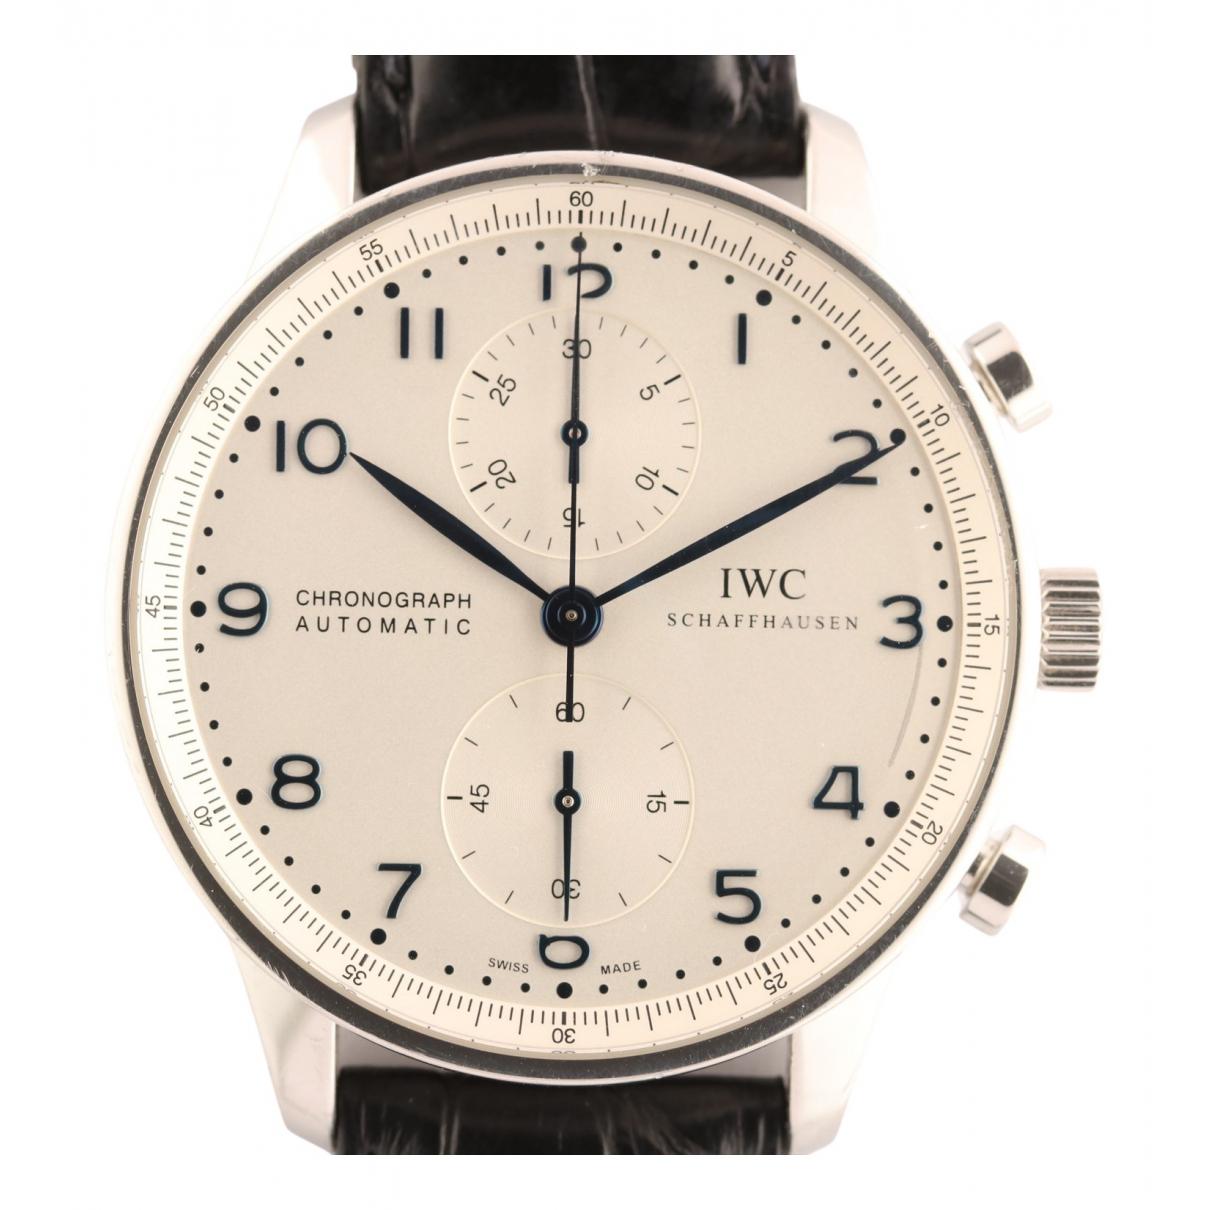 Relojes Portugaise Iwc